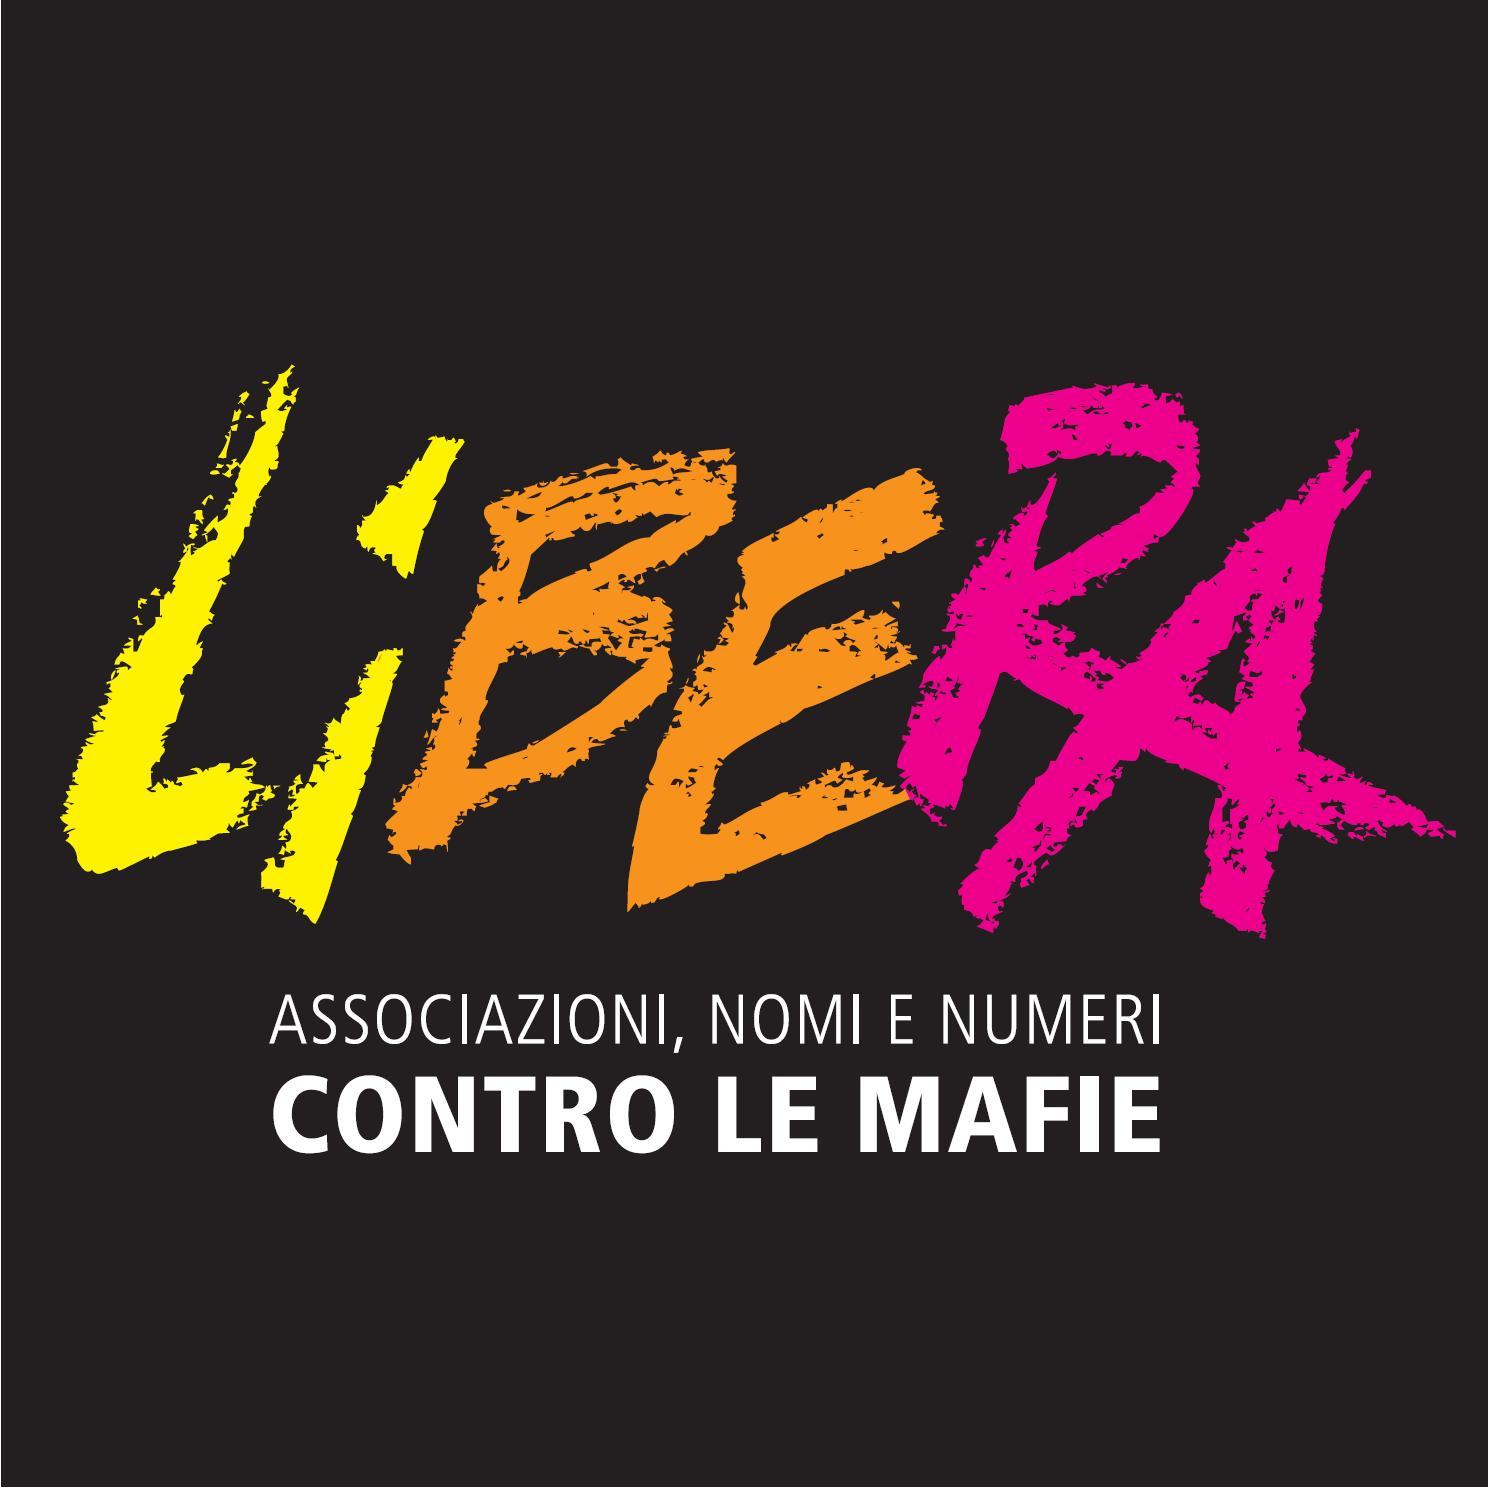 L'associazione Libera a Passepartout